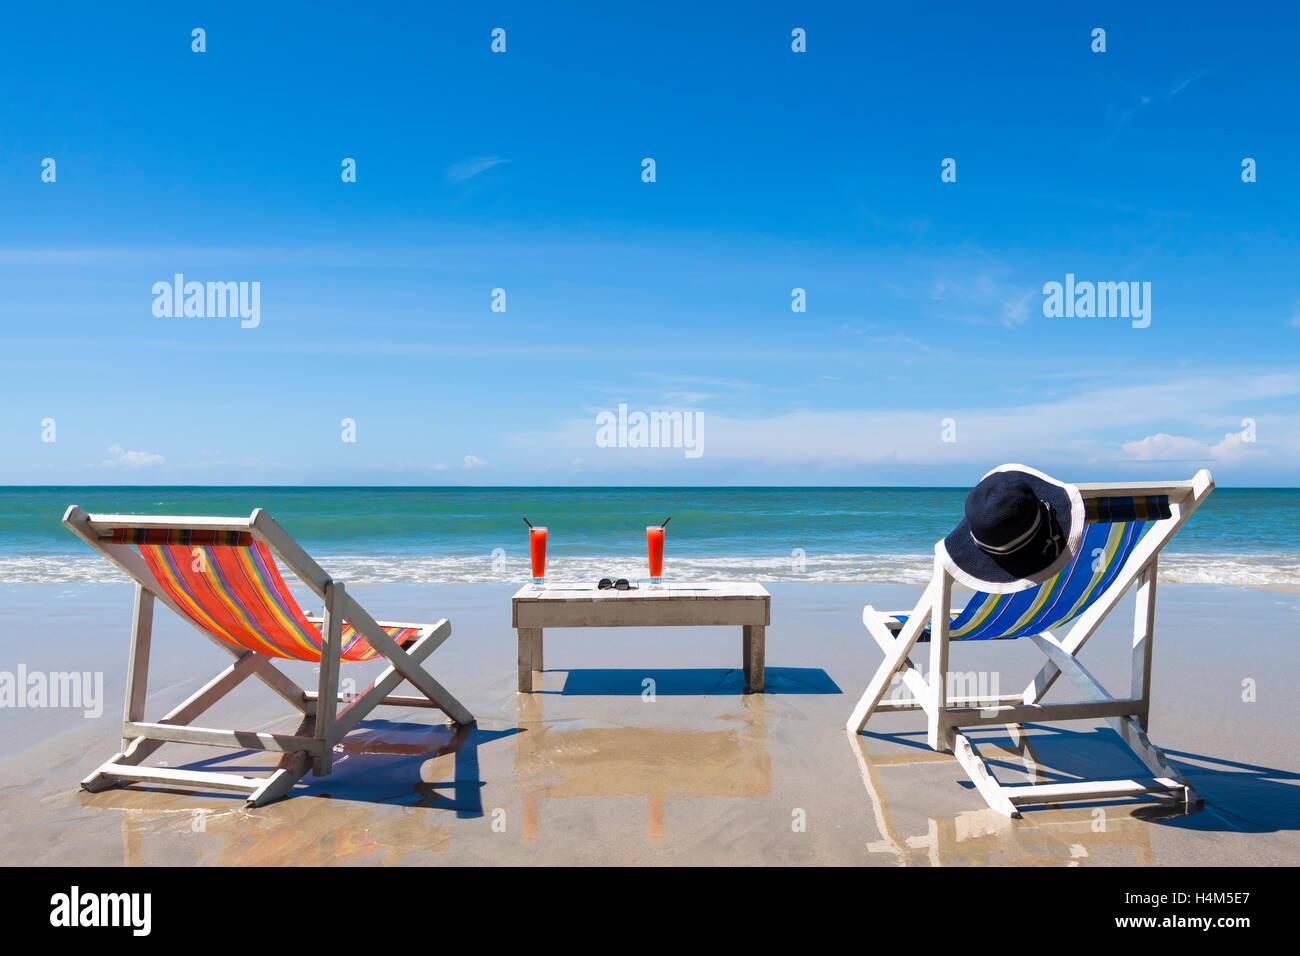 freizeit am strand zwei liegest hle mit cocktail und sonnenbrille sonnigen sommertag stockfoto. Black Bedroom Furniture Sets. Home Design Ideas